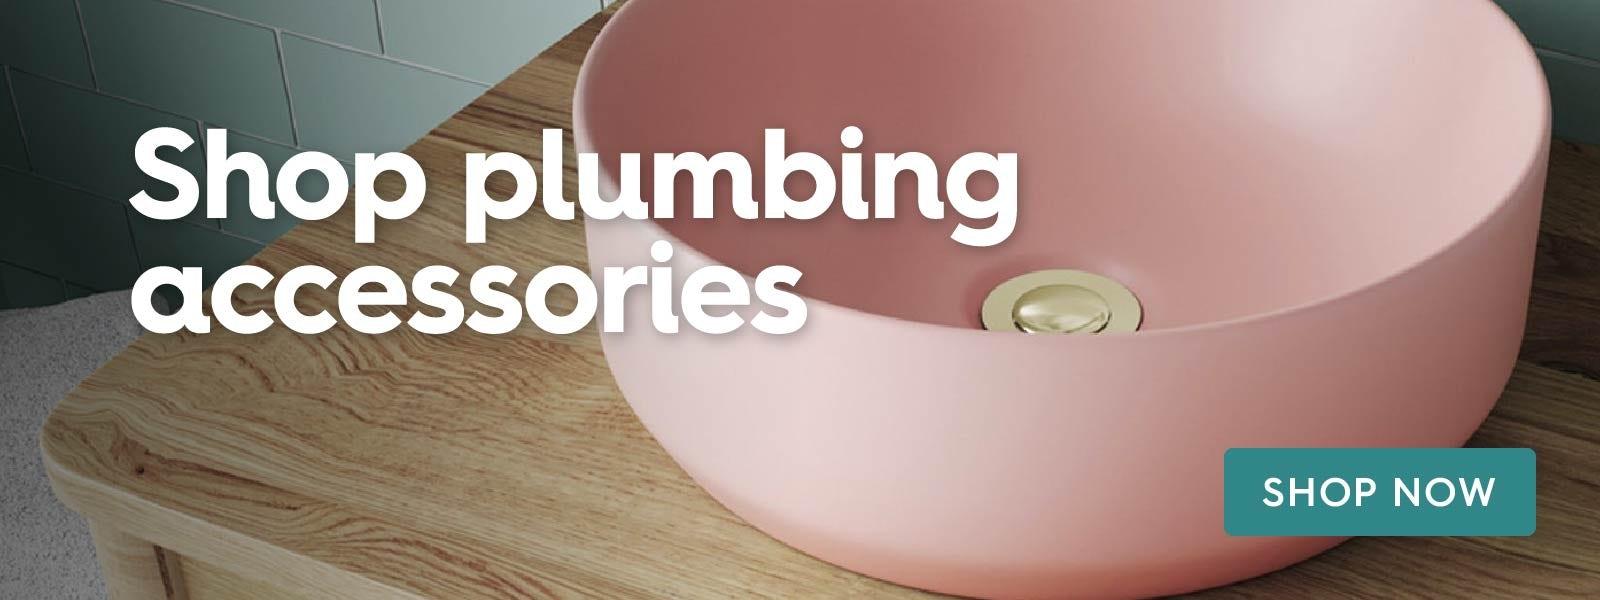 Shop plumbing accessories